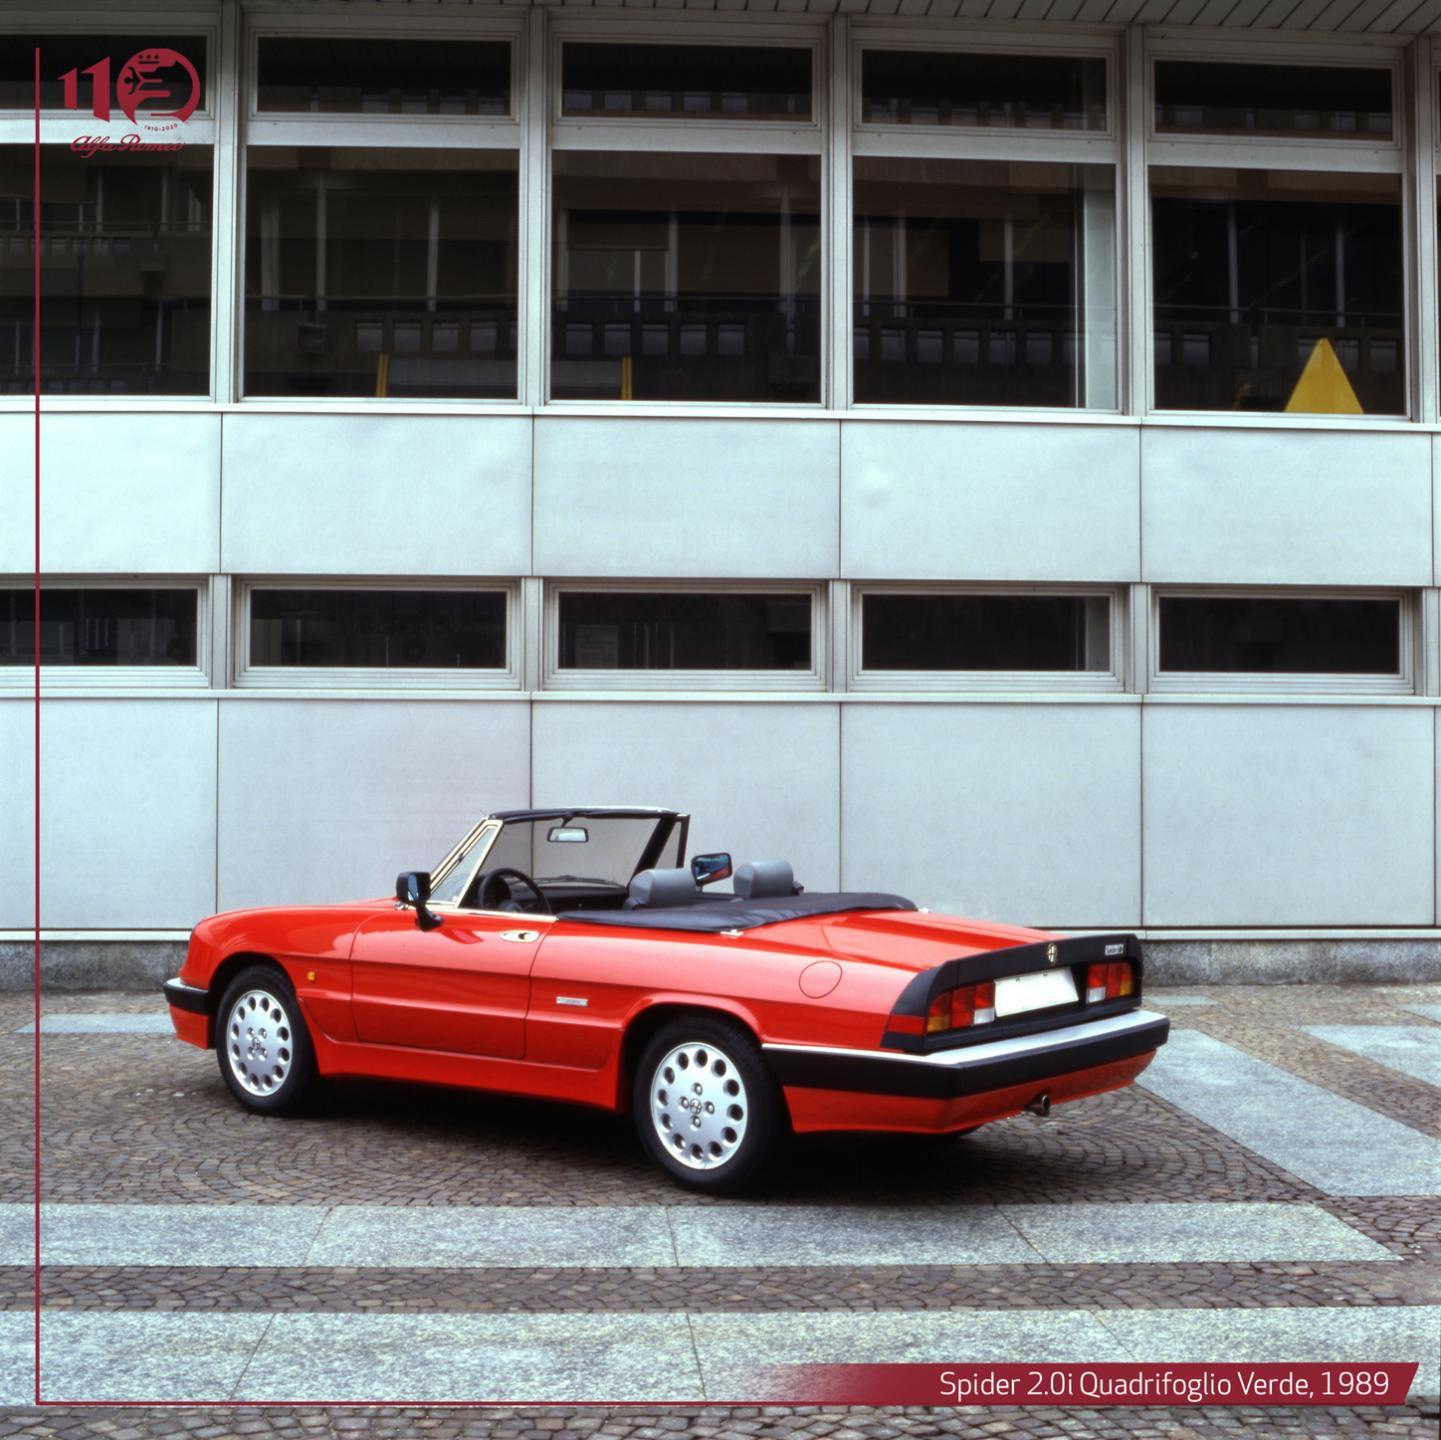 rsz_spider-20i-quadrifoglio-verde-1989.jpg